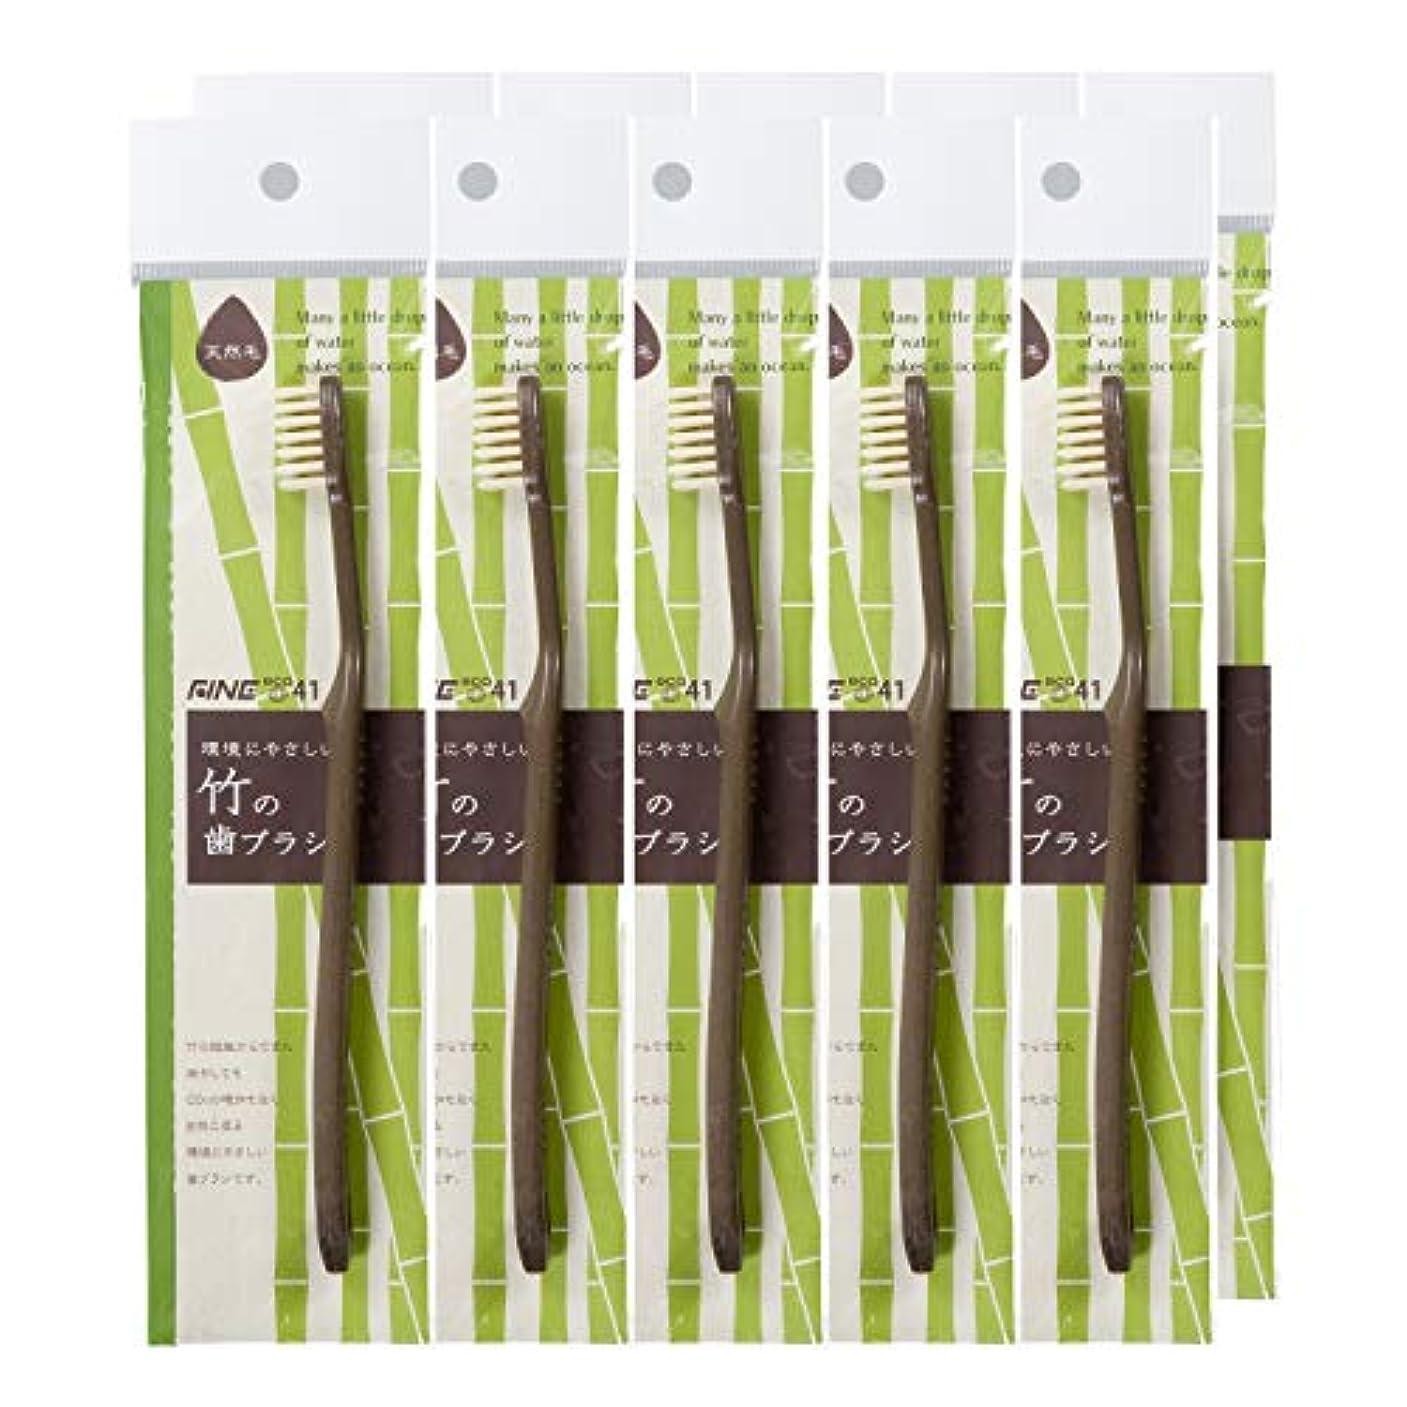 叙情的な構成する急勾配の【FINE ファイン】FINEeco41 竹の歯ブラシ 天然毛タイプ 10本セット